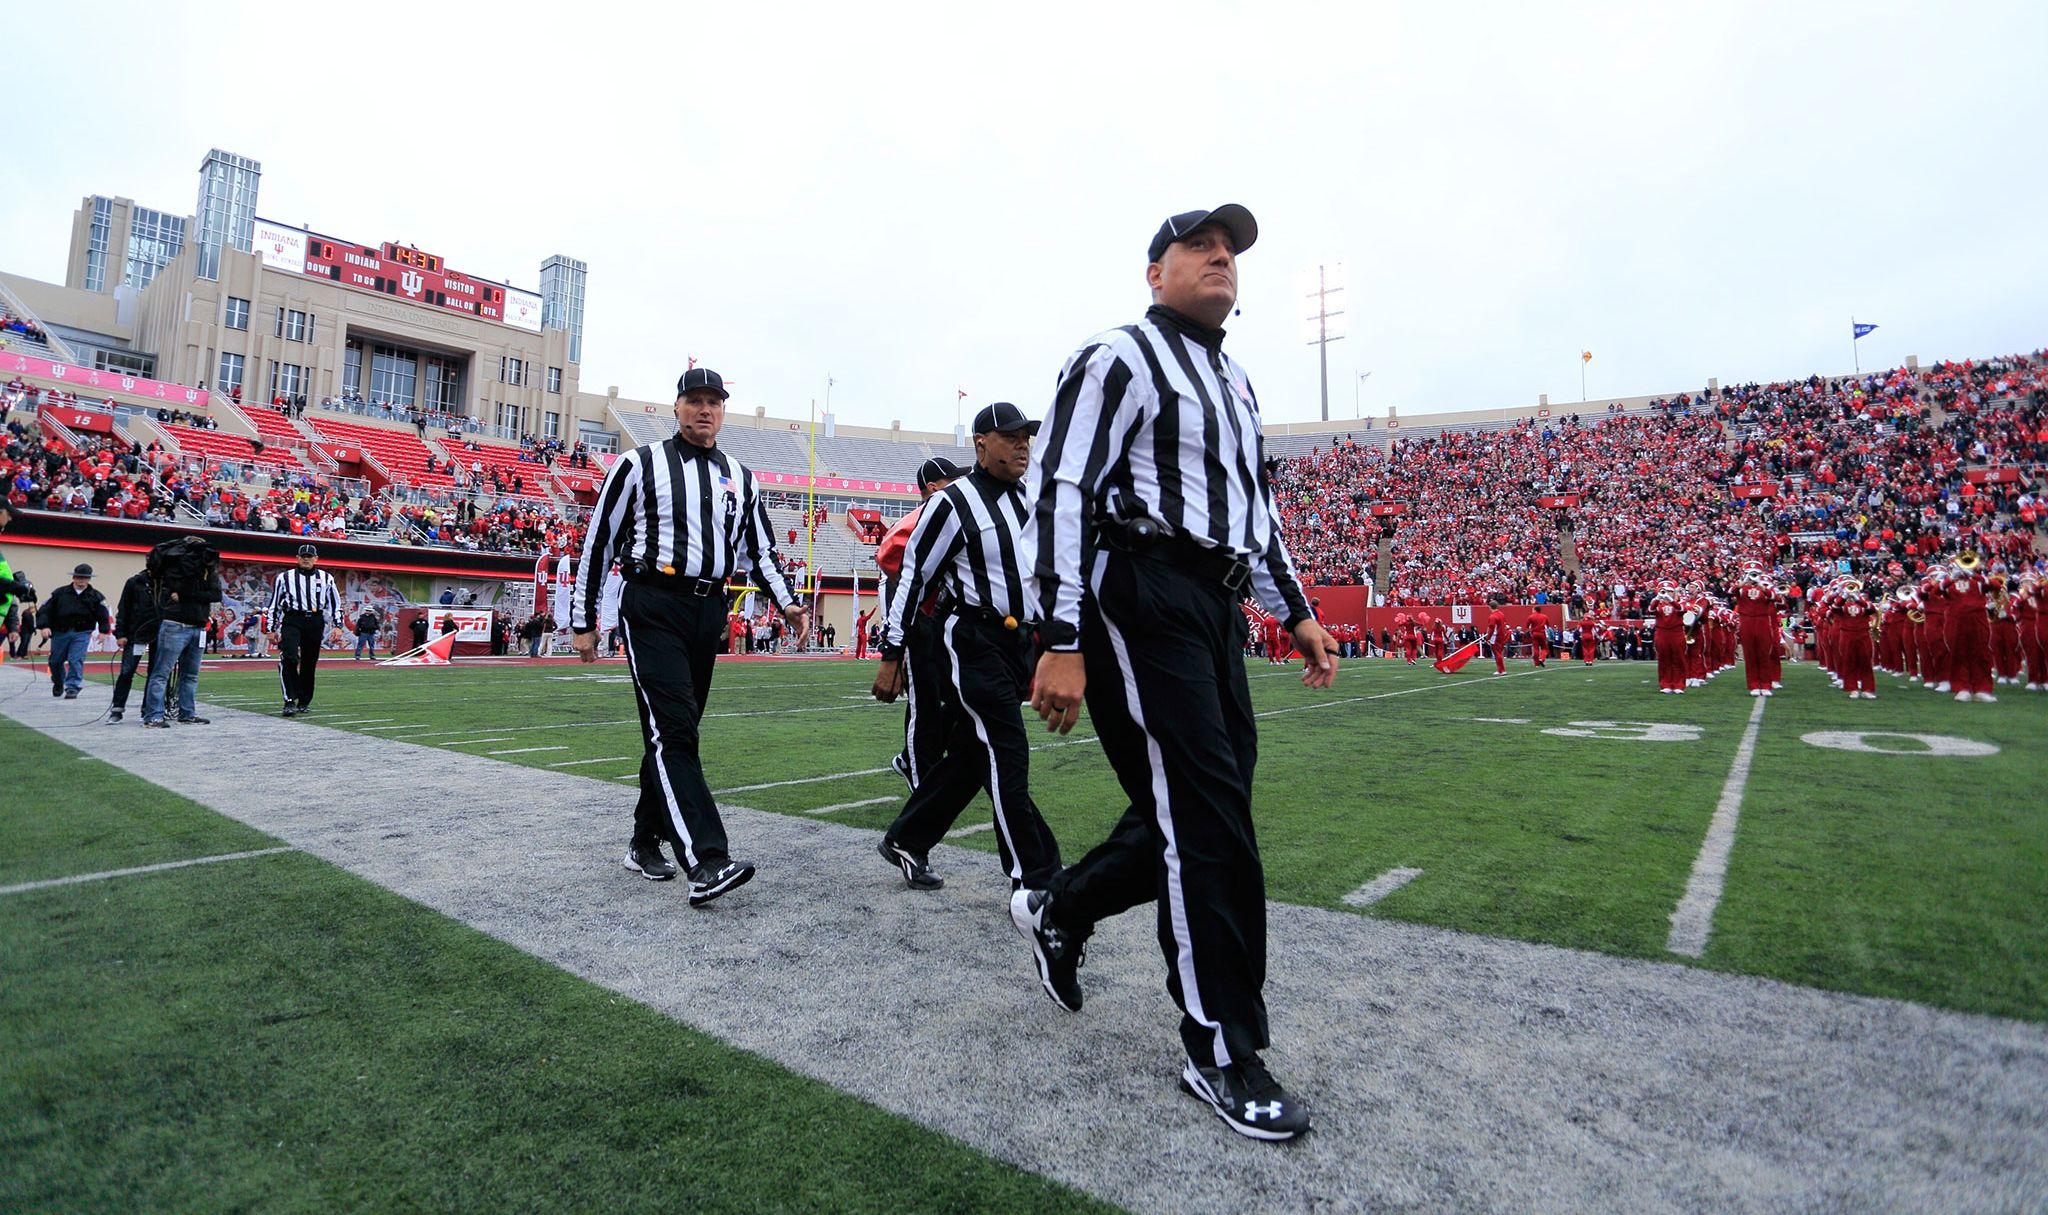 Referee at IU football game